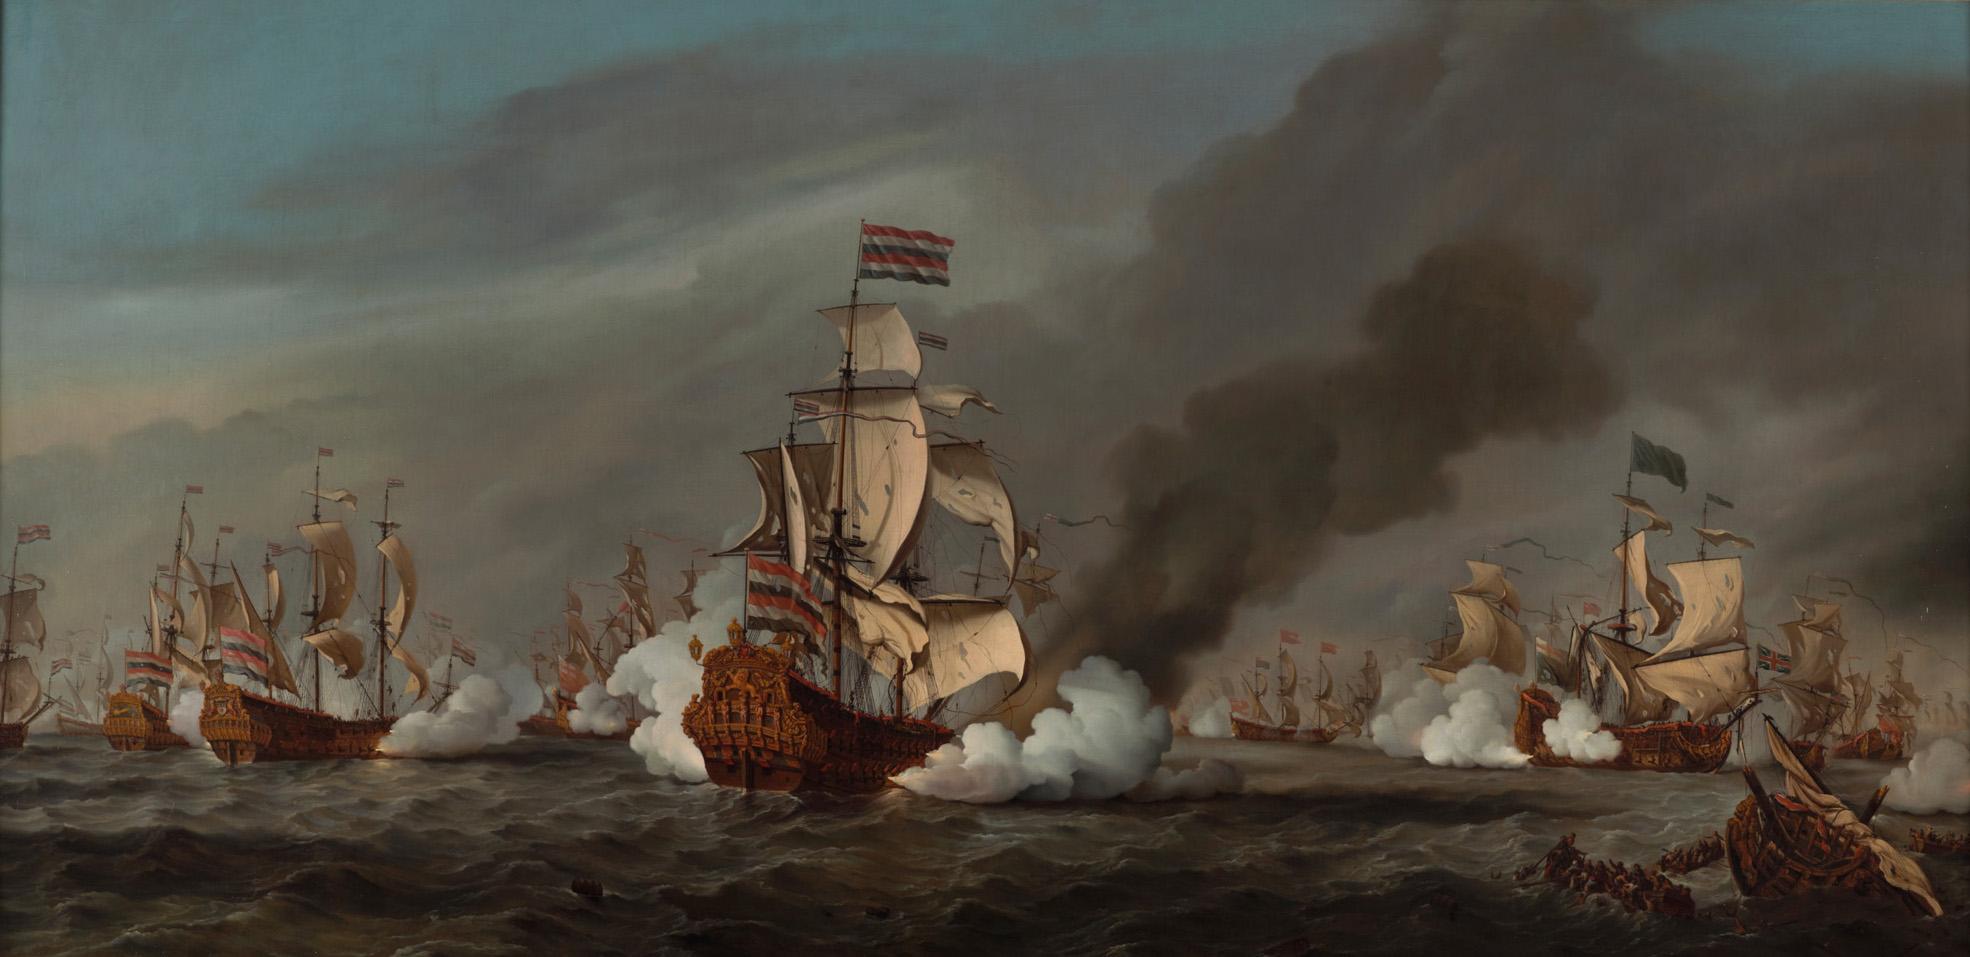 Willem van de Velde II (1633-1707), The naval battle at Kijkduin, August 21, 1673, 1687, Het Scheepvaartmuseum, Amsterdam